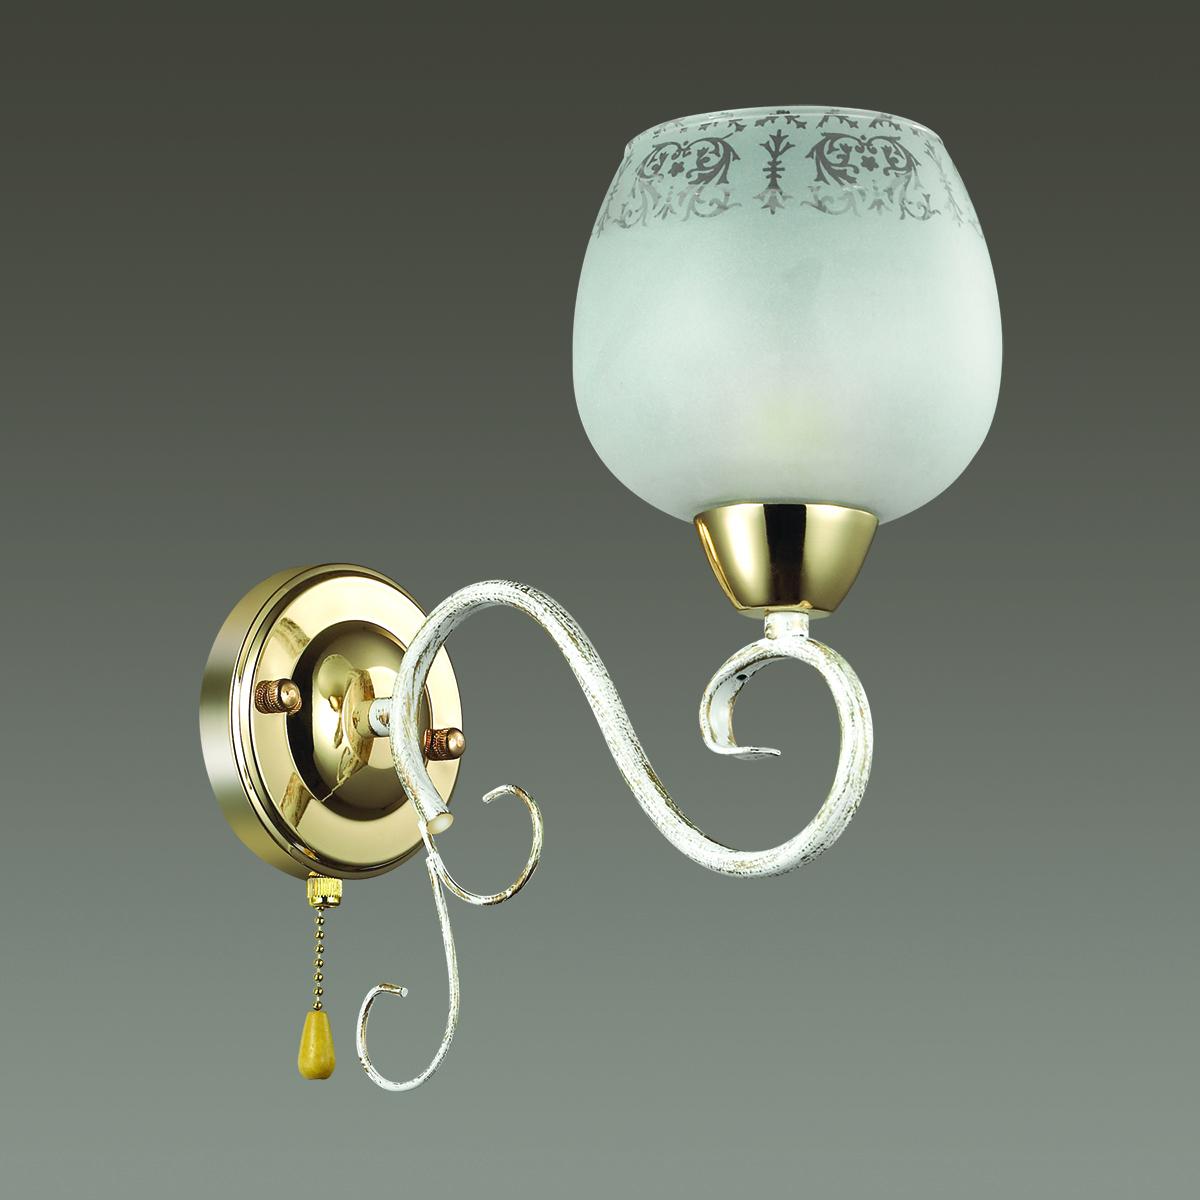 Бра Lumion Biancopa 3505/1W, 1xE27x60W, белый с золотой патиной, золото, матовый, металл, стекло - фото 4